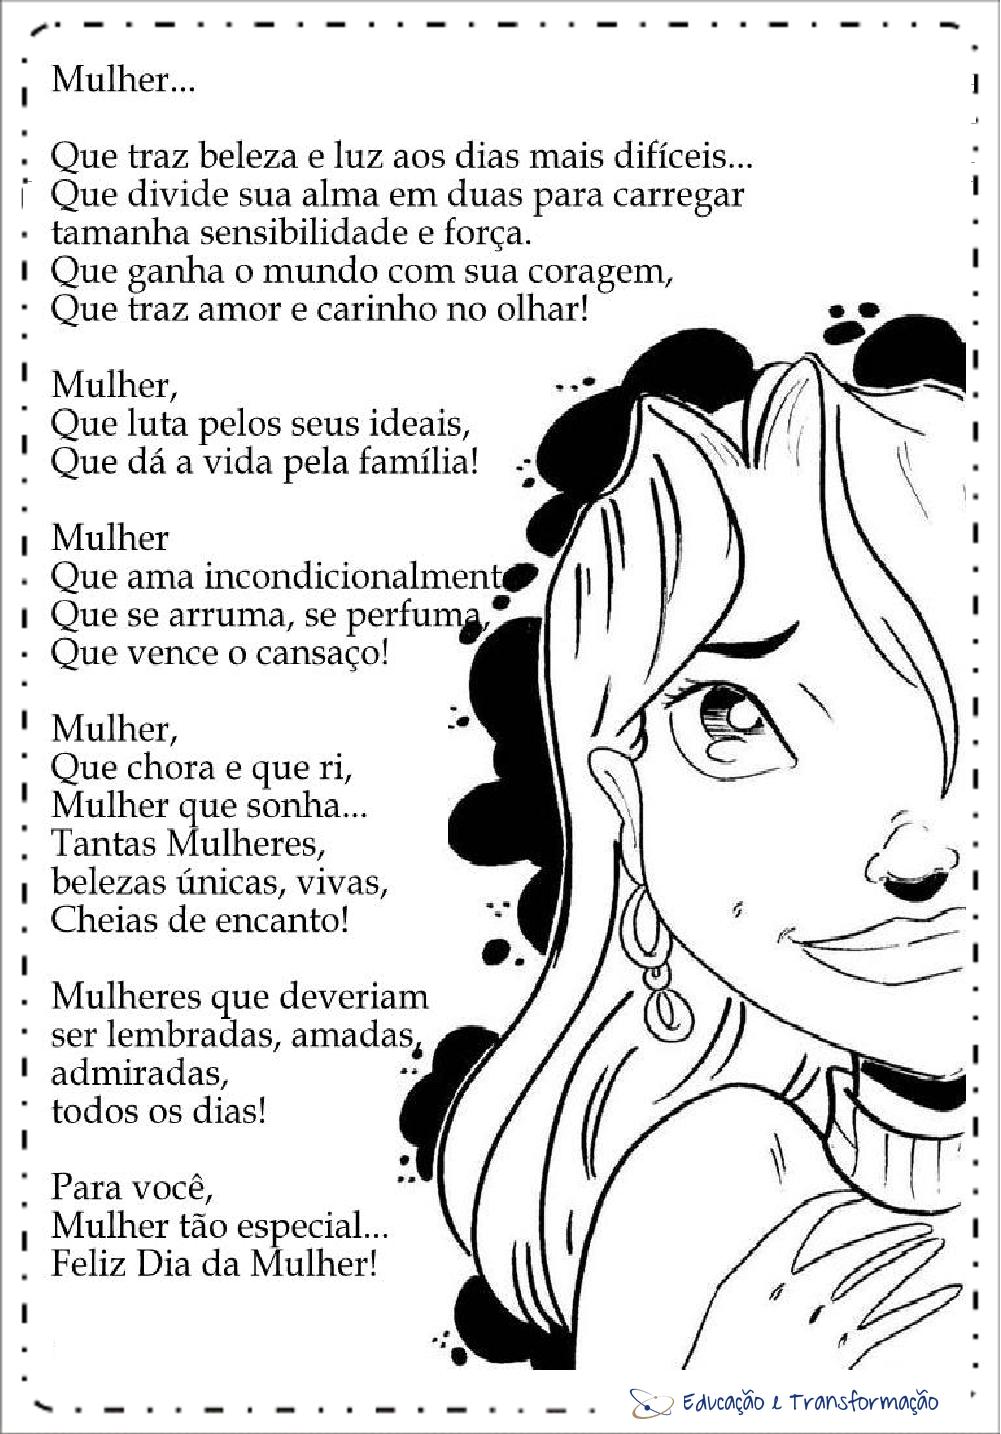 Lembrancinhas dia internacional da mulher - 8 de Março